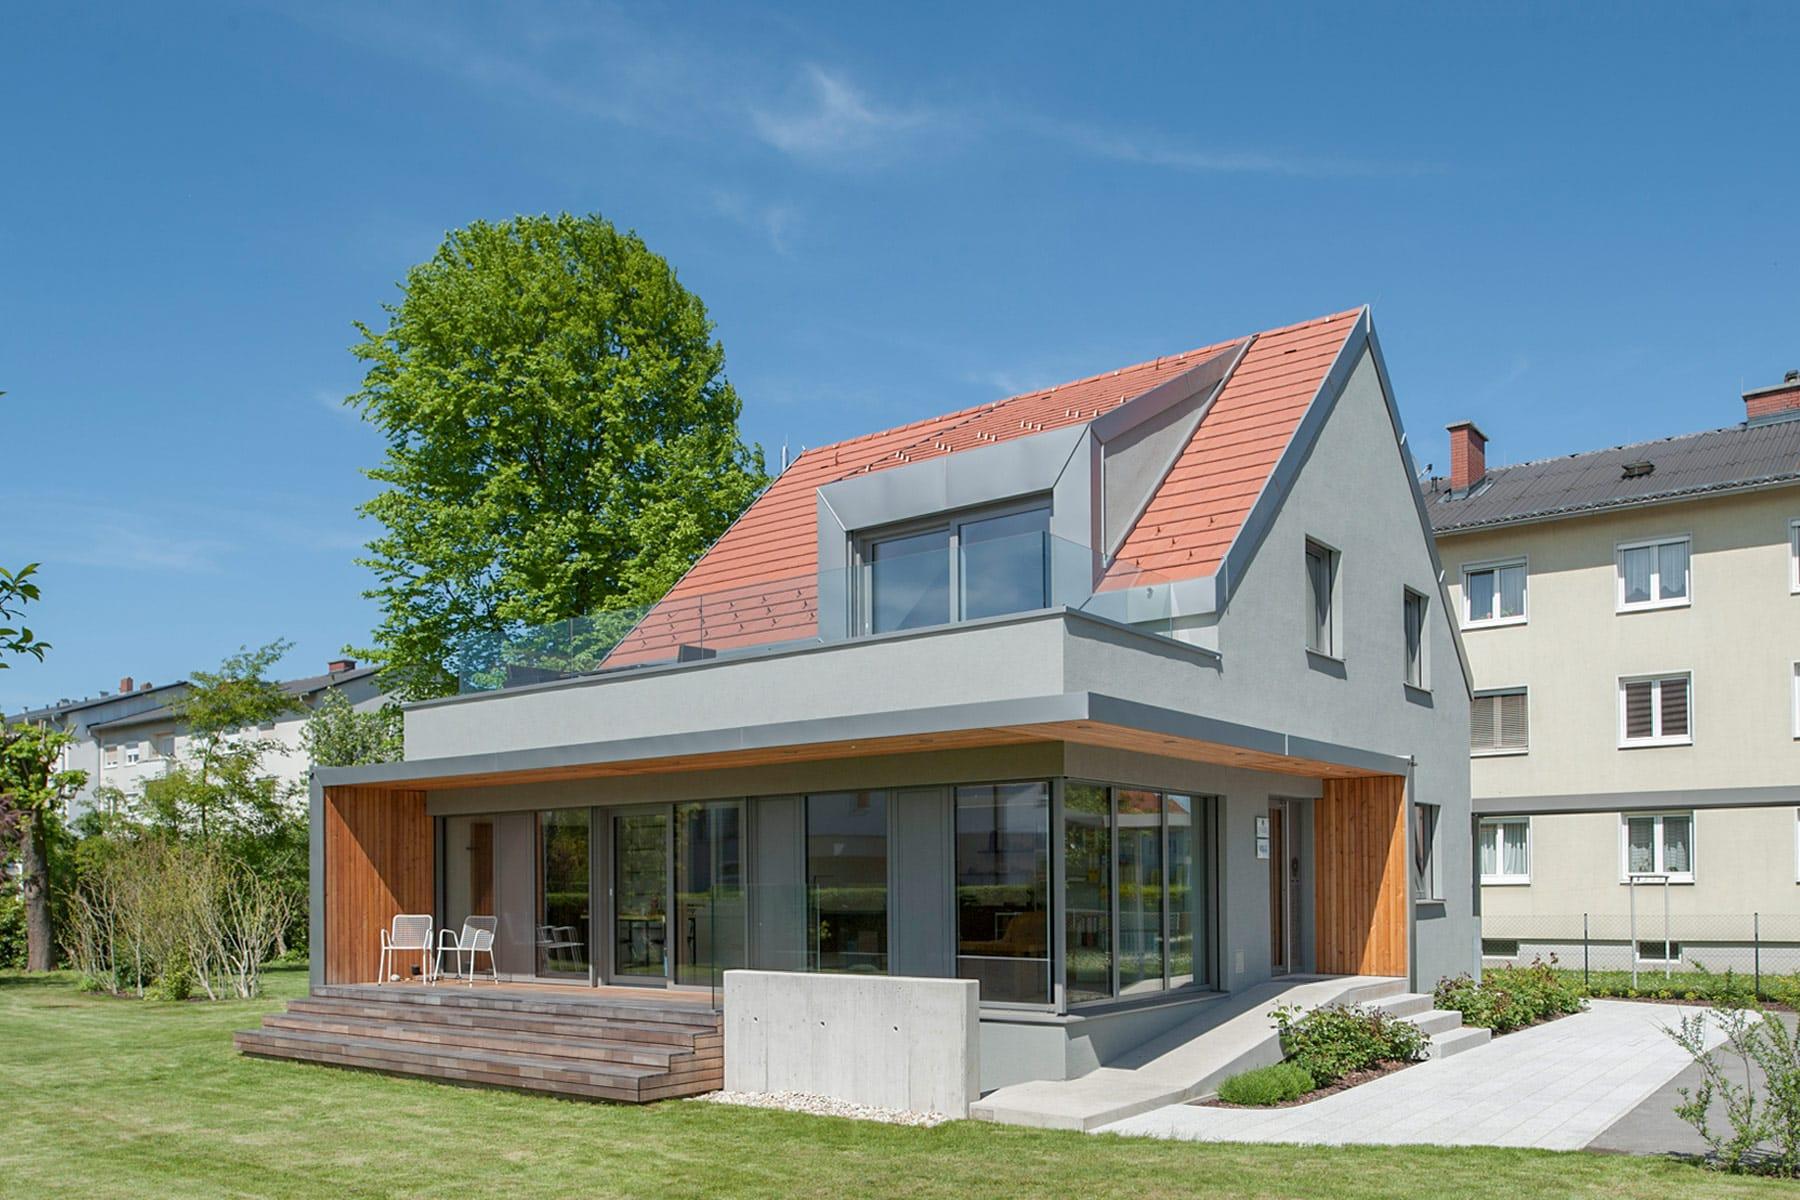 Gartenfassade, Umbau in Pasching; architekt; haus; modern; architektur; pasching; zubau; büroerweiterung; wohnung